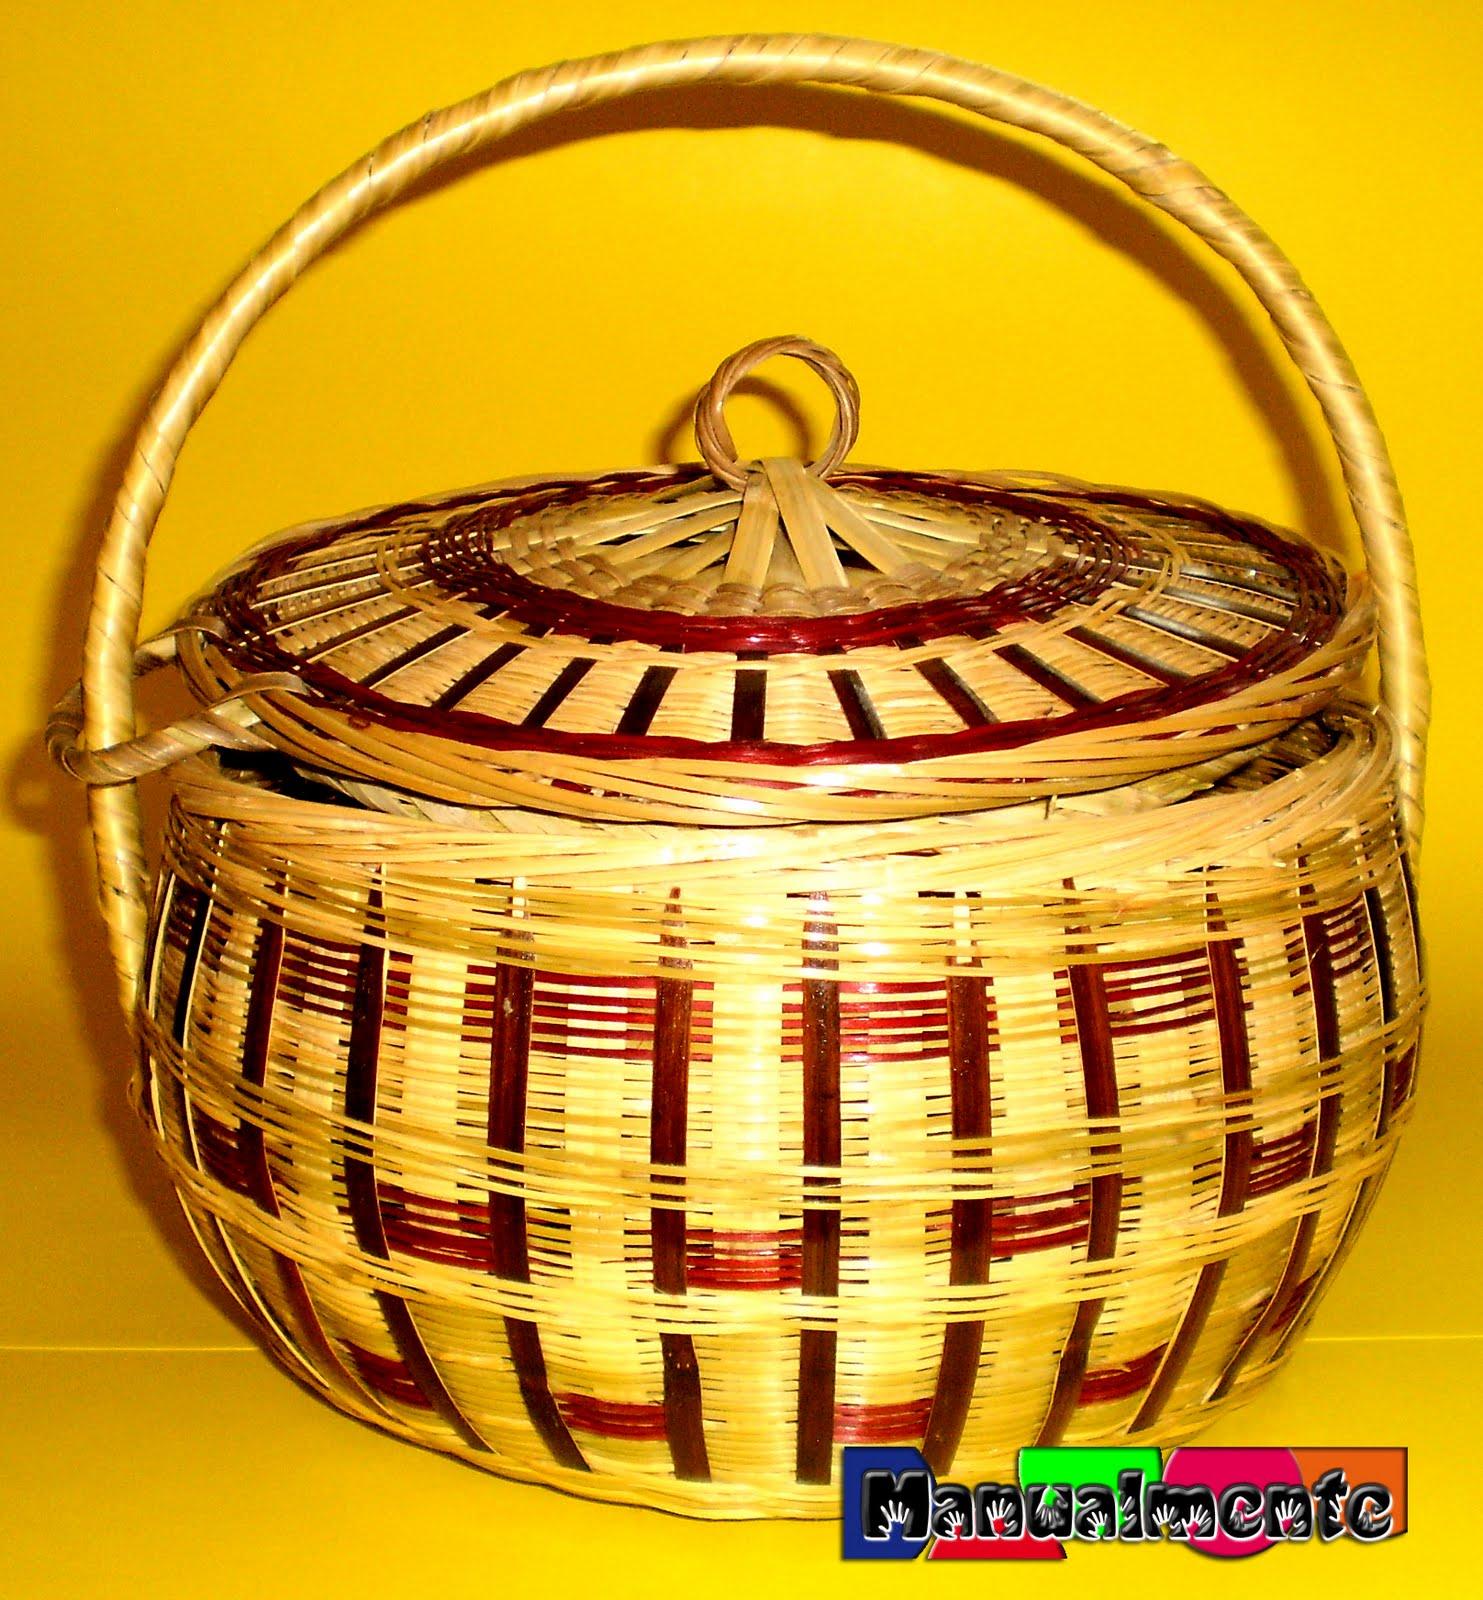 Objetos decorativos artesanales y accesorios todo hecho - Objetos decorativos ...